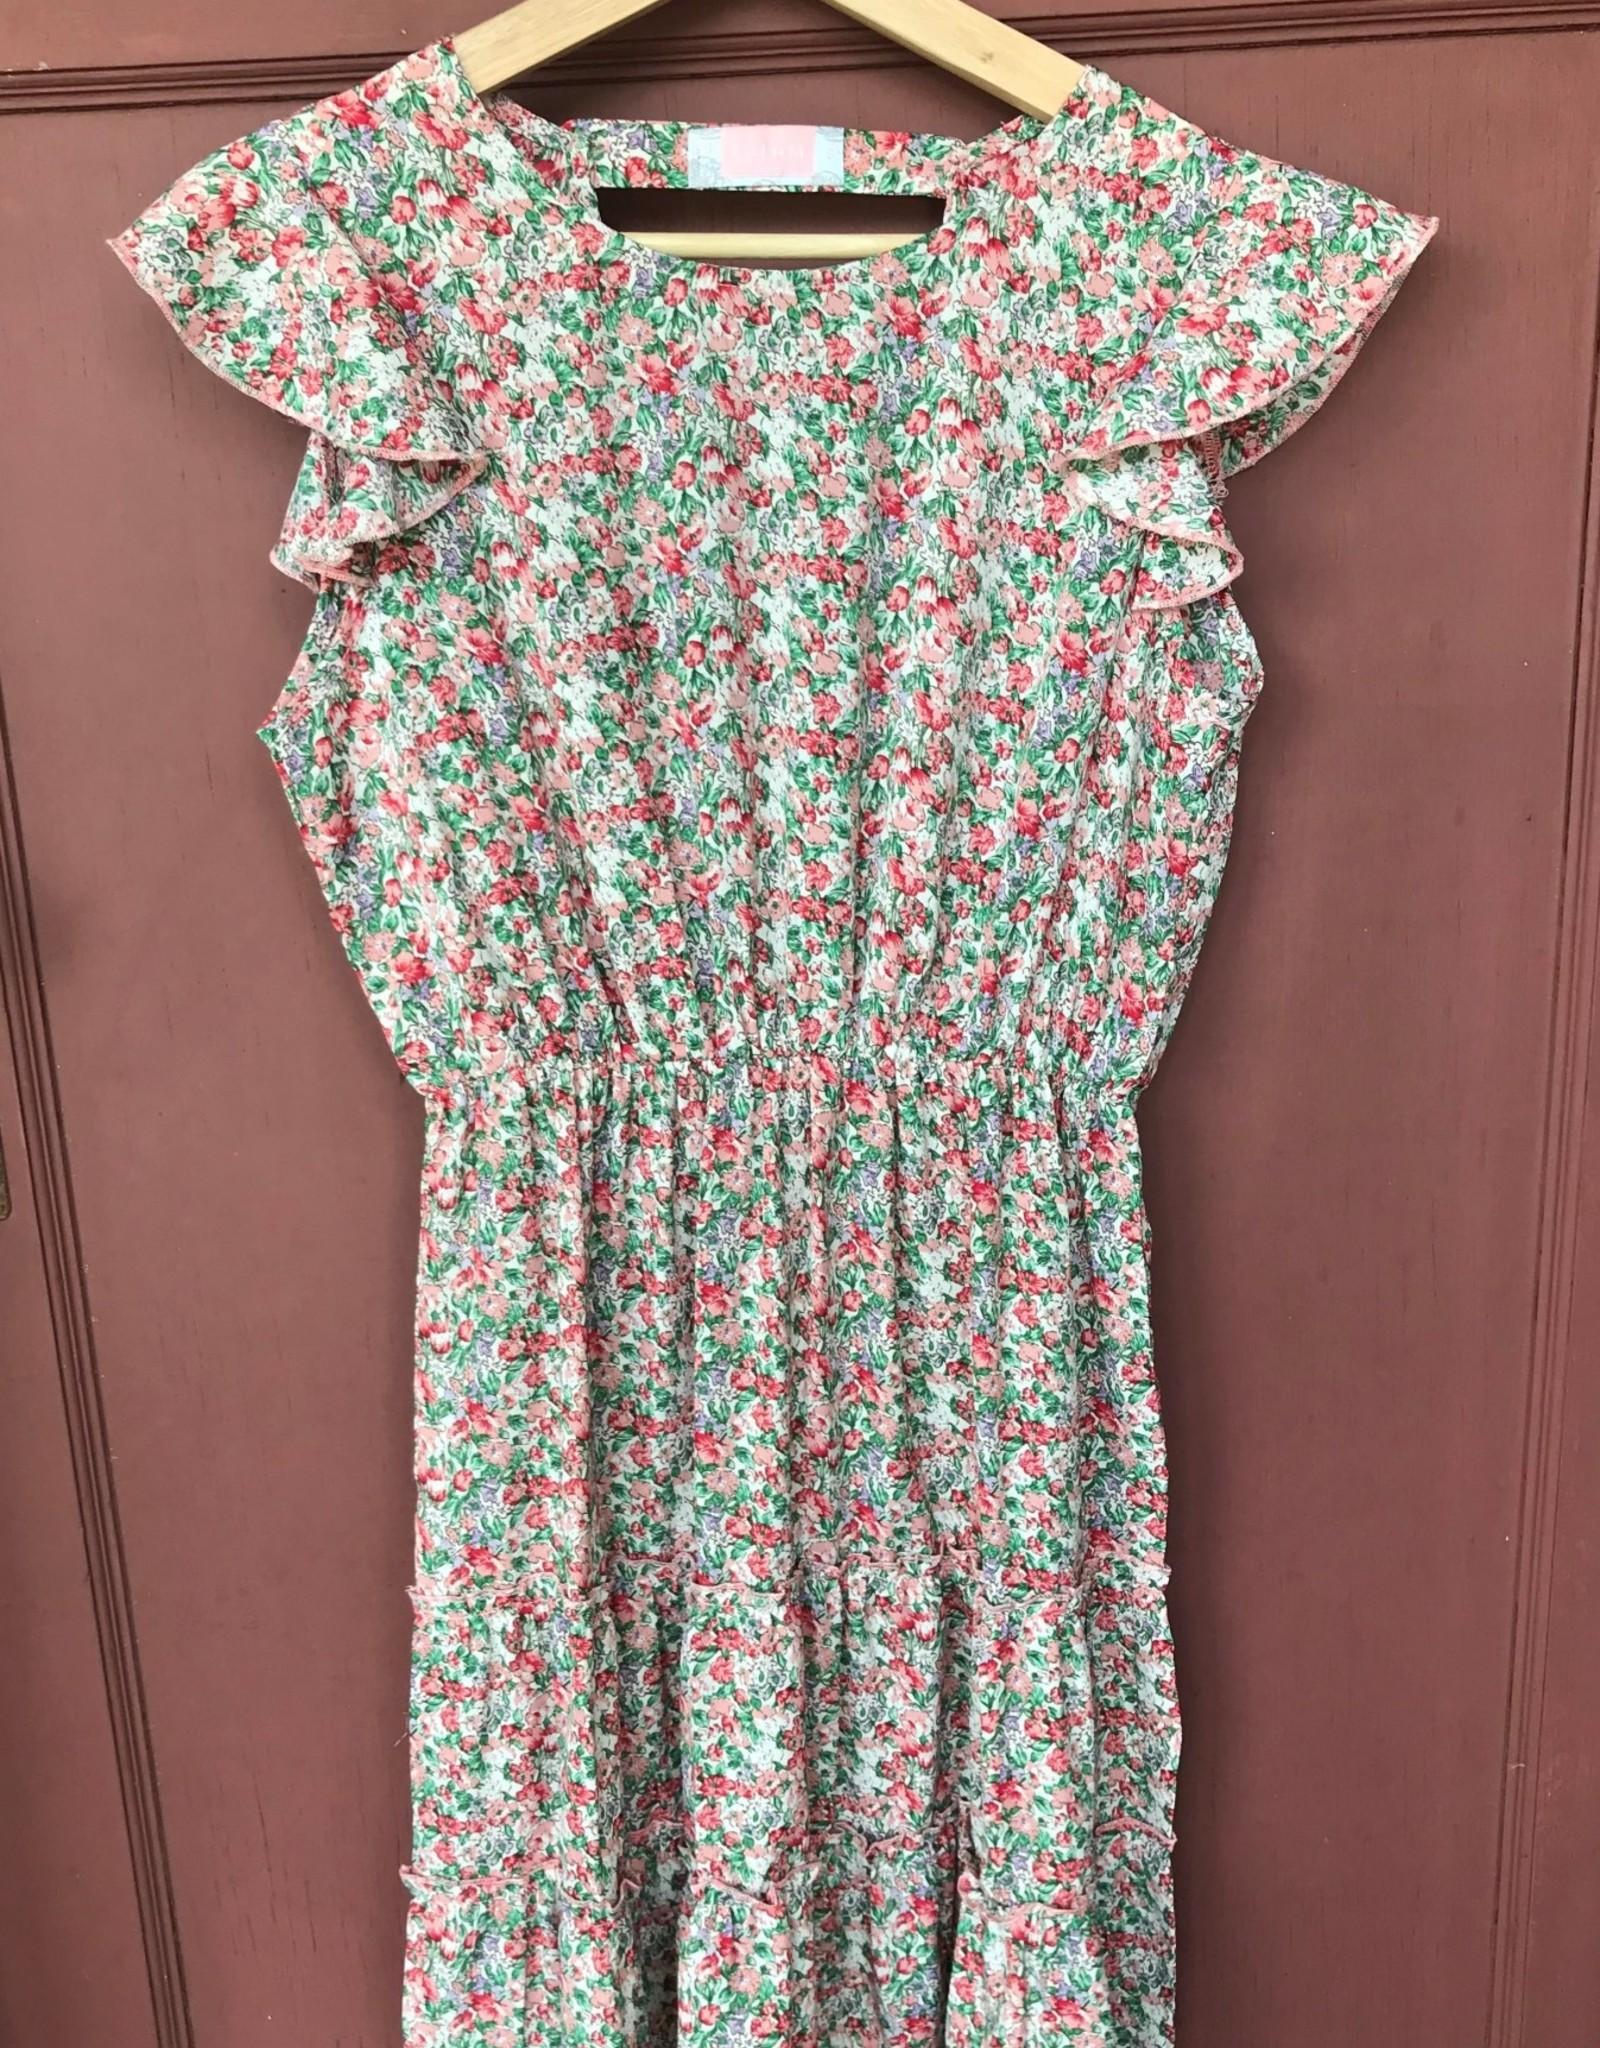 Wink Floral Flutter Sleeve Dress